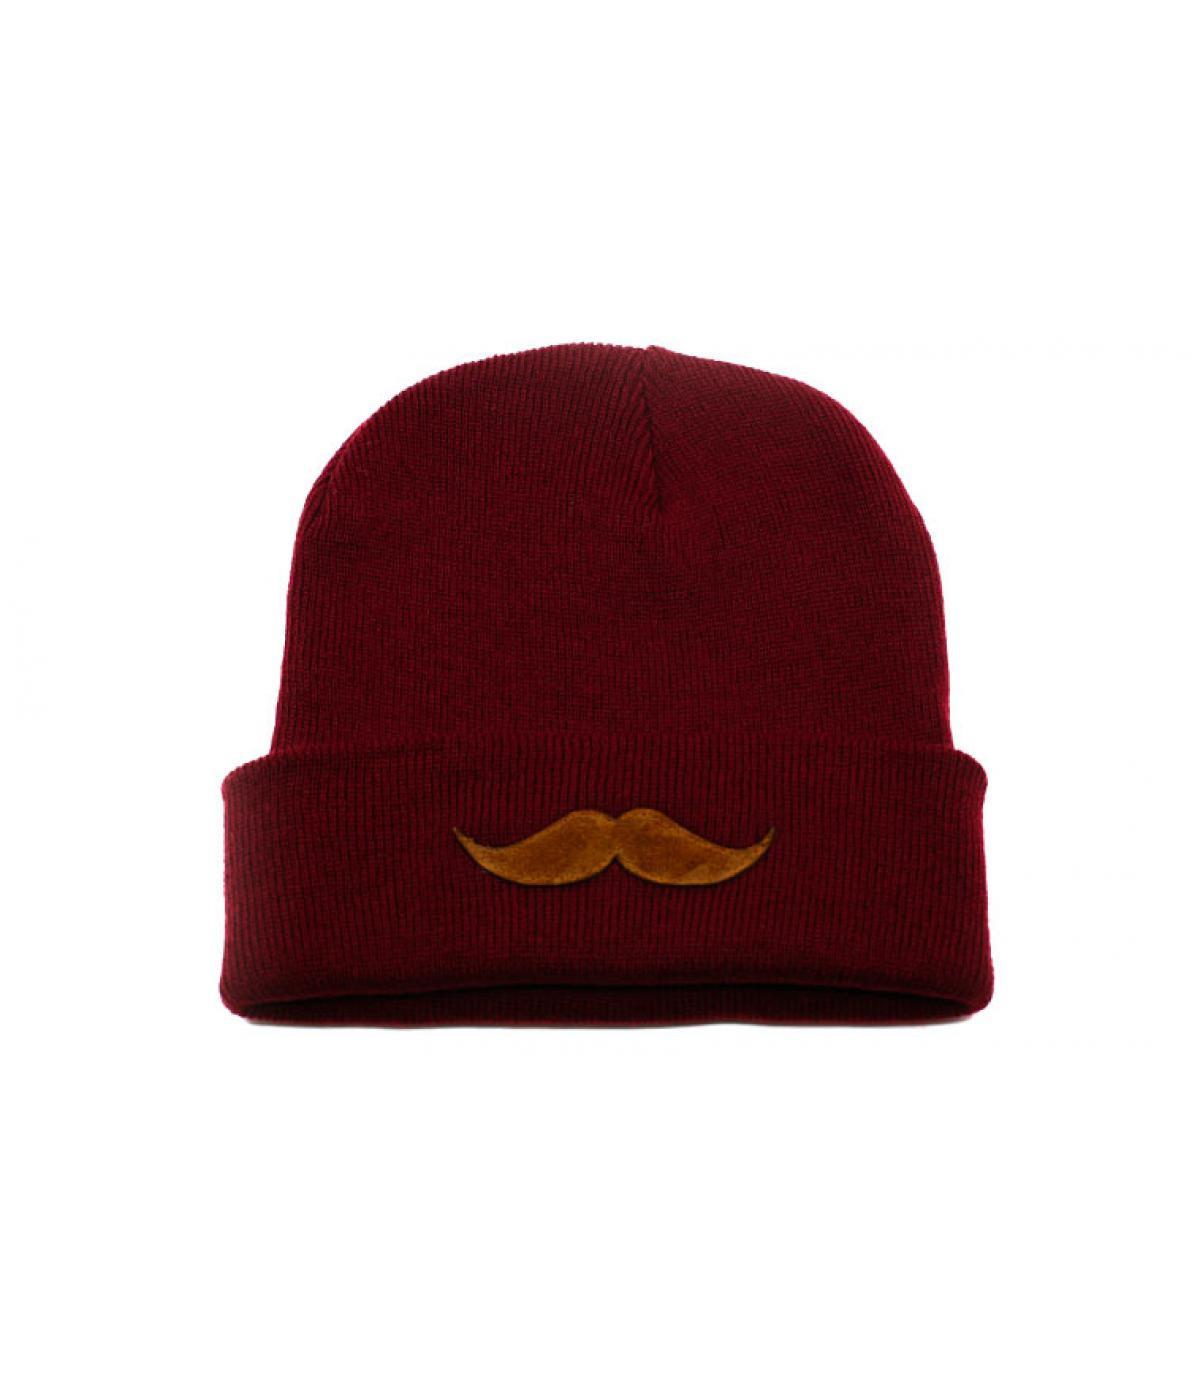 Détails Bonnet Movember burgundy - image 2